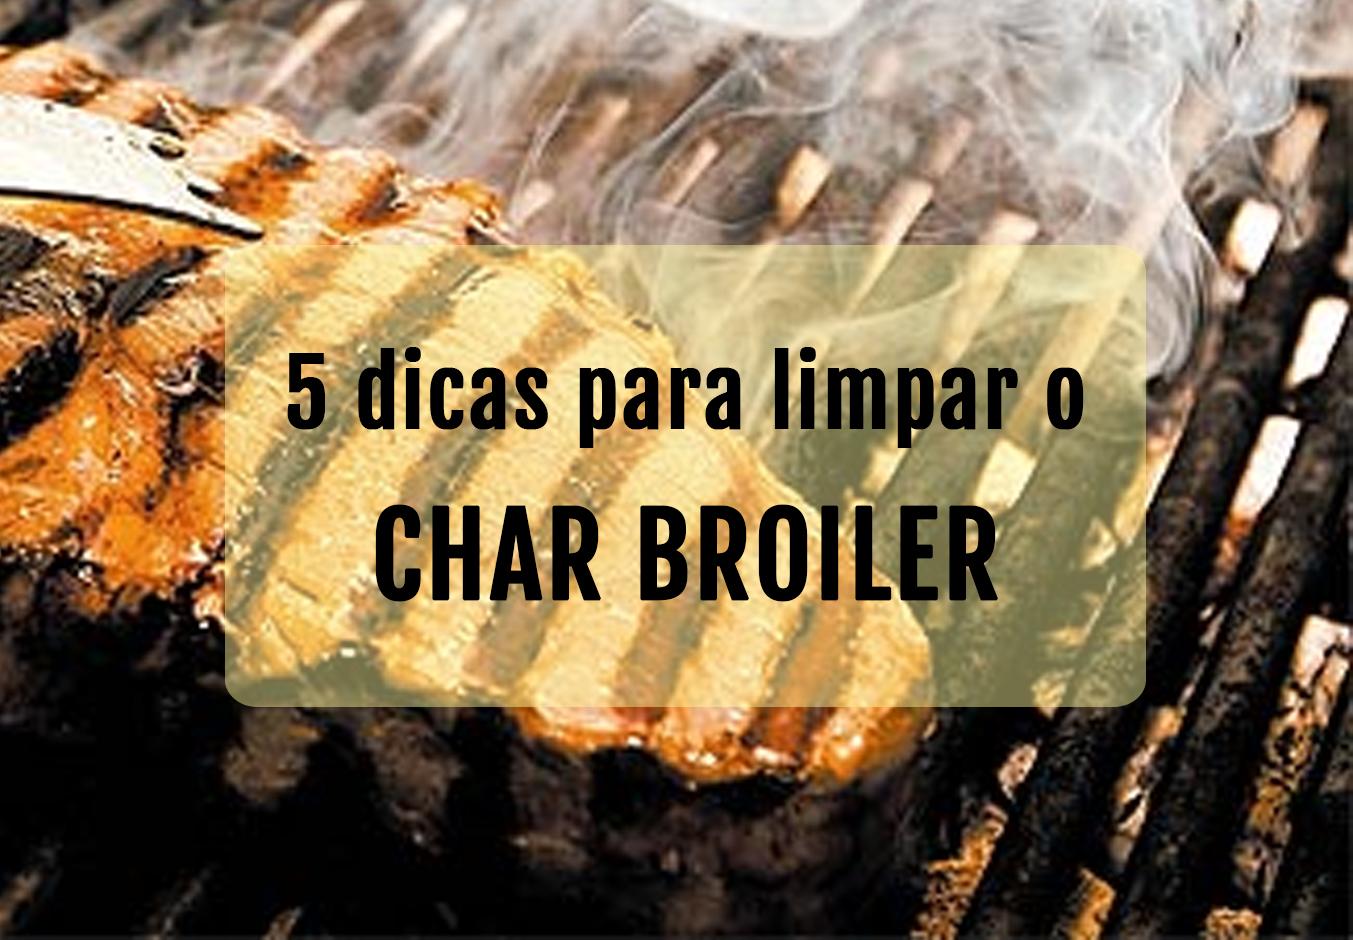 DICAS: LIMPEZA DO CHAR BROILER A GÁS